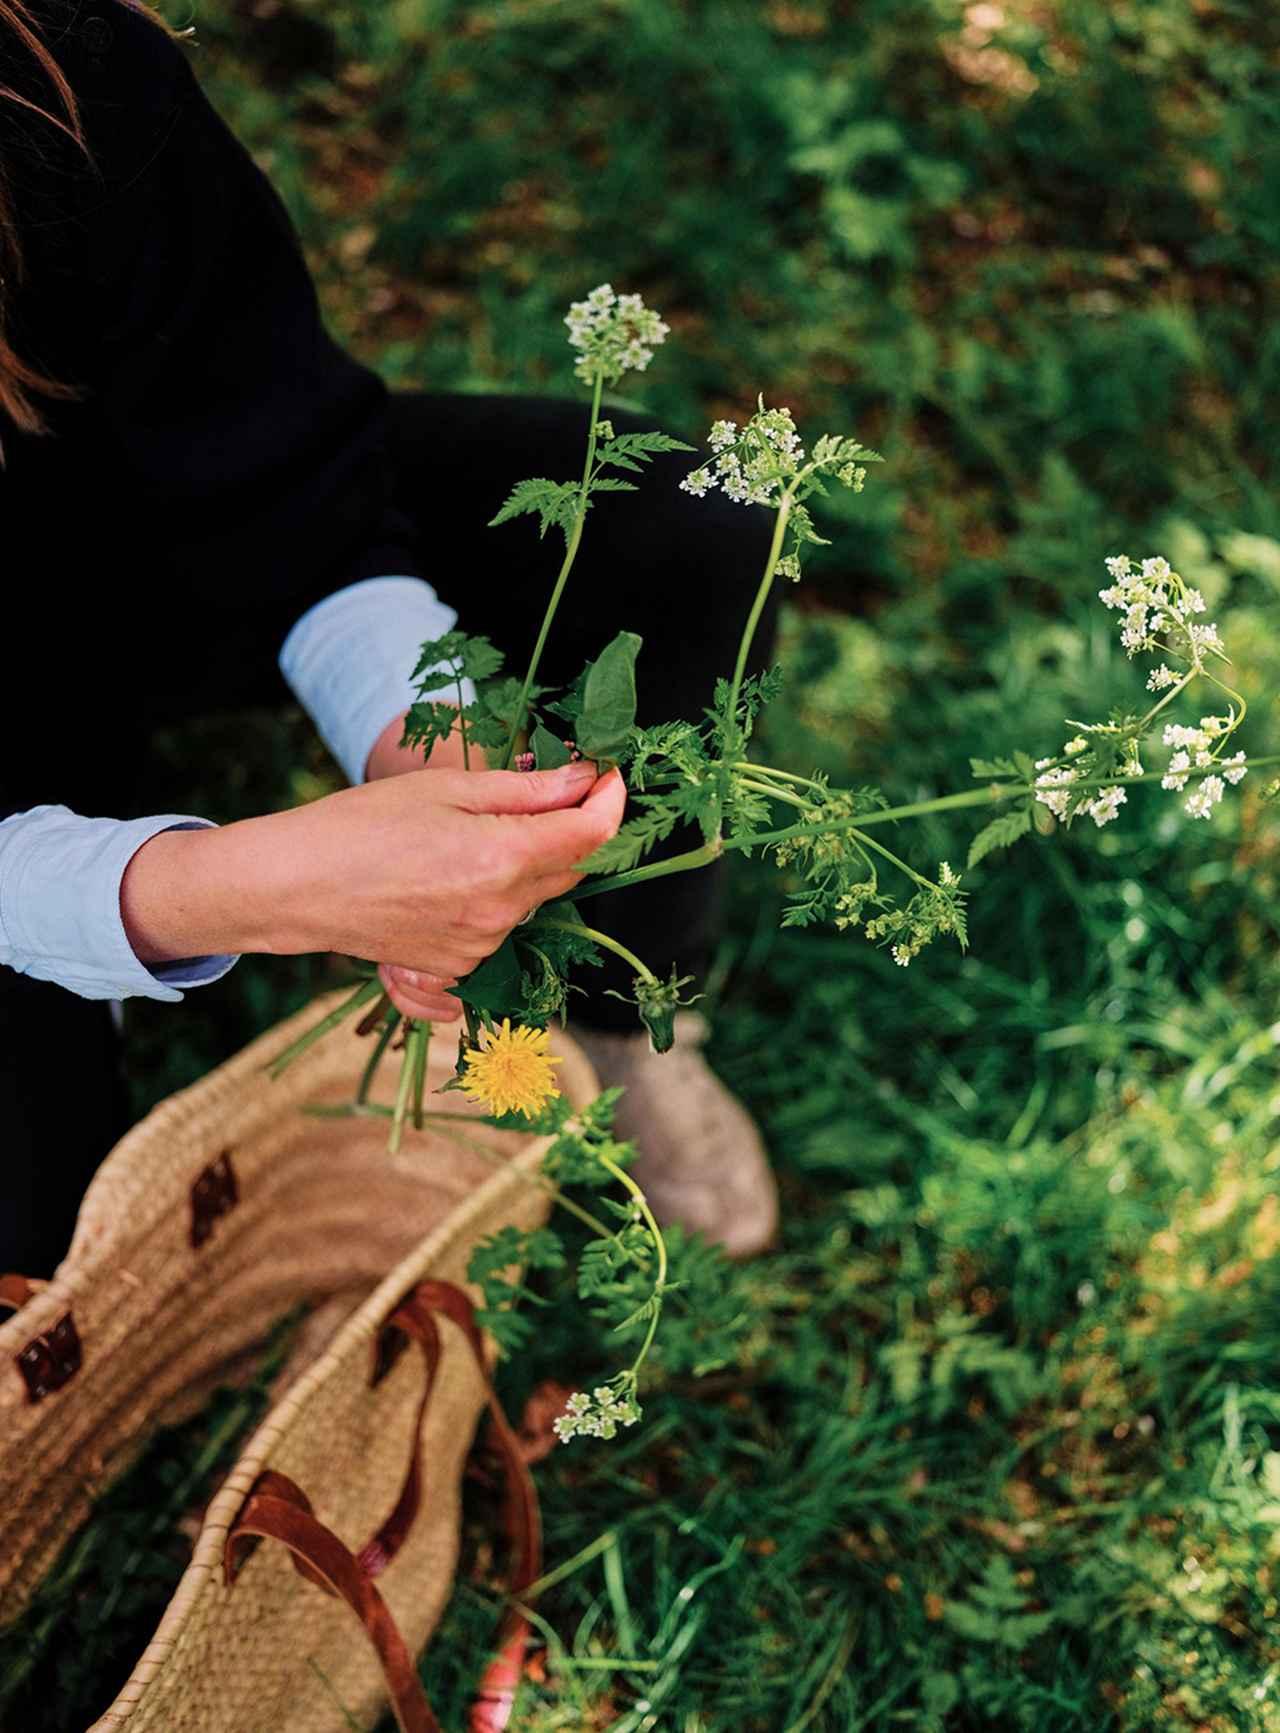 画像 : 4番目の画像 - 「「パフューマー H」の調香師 リン・ハリスが香りをつくるまで」のアルバム - T JAPAN:The New York Times Style Magazine 公式サイト